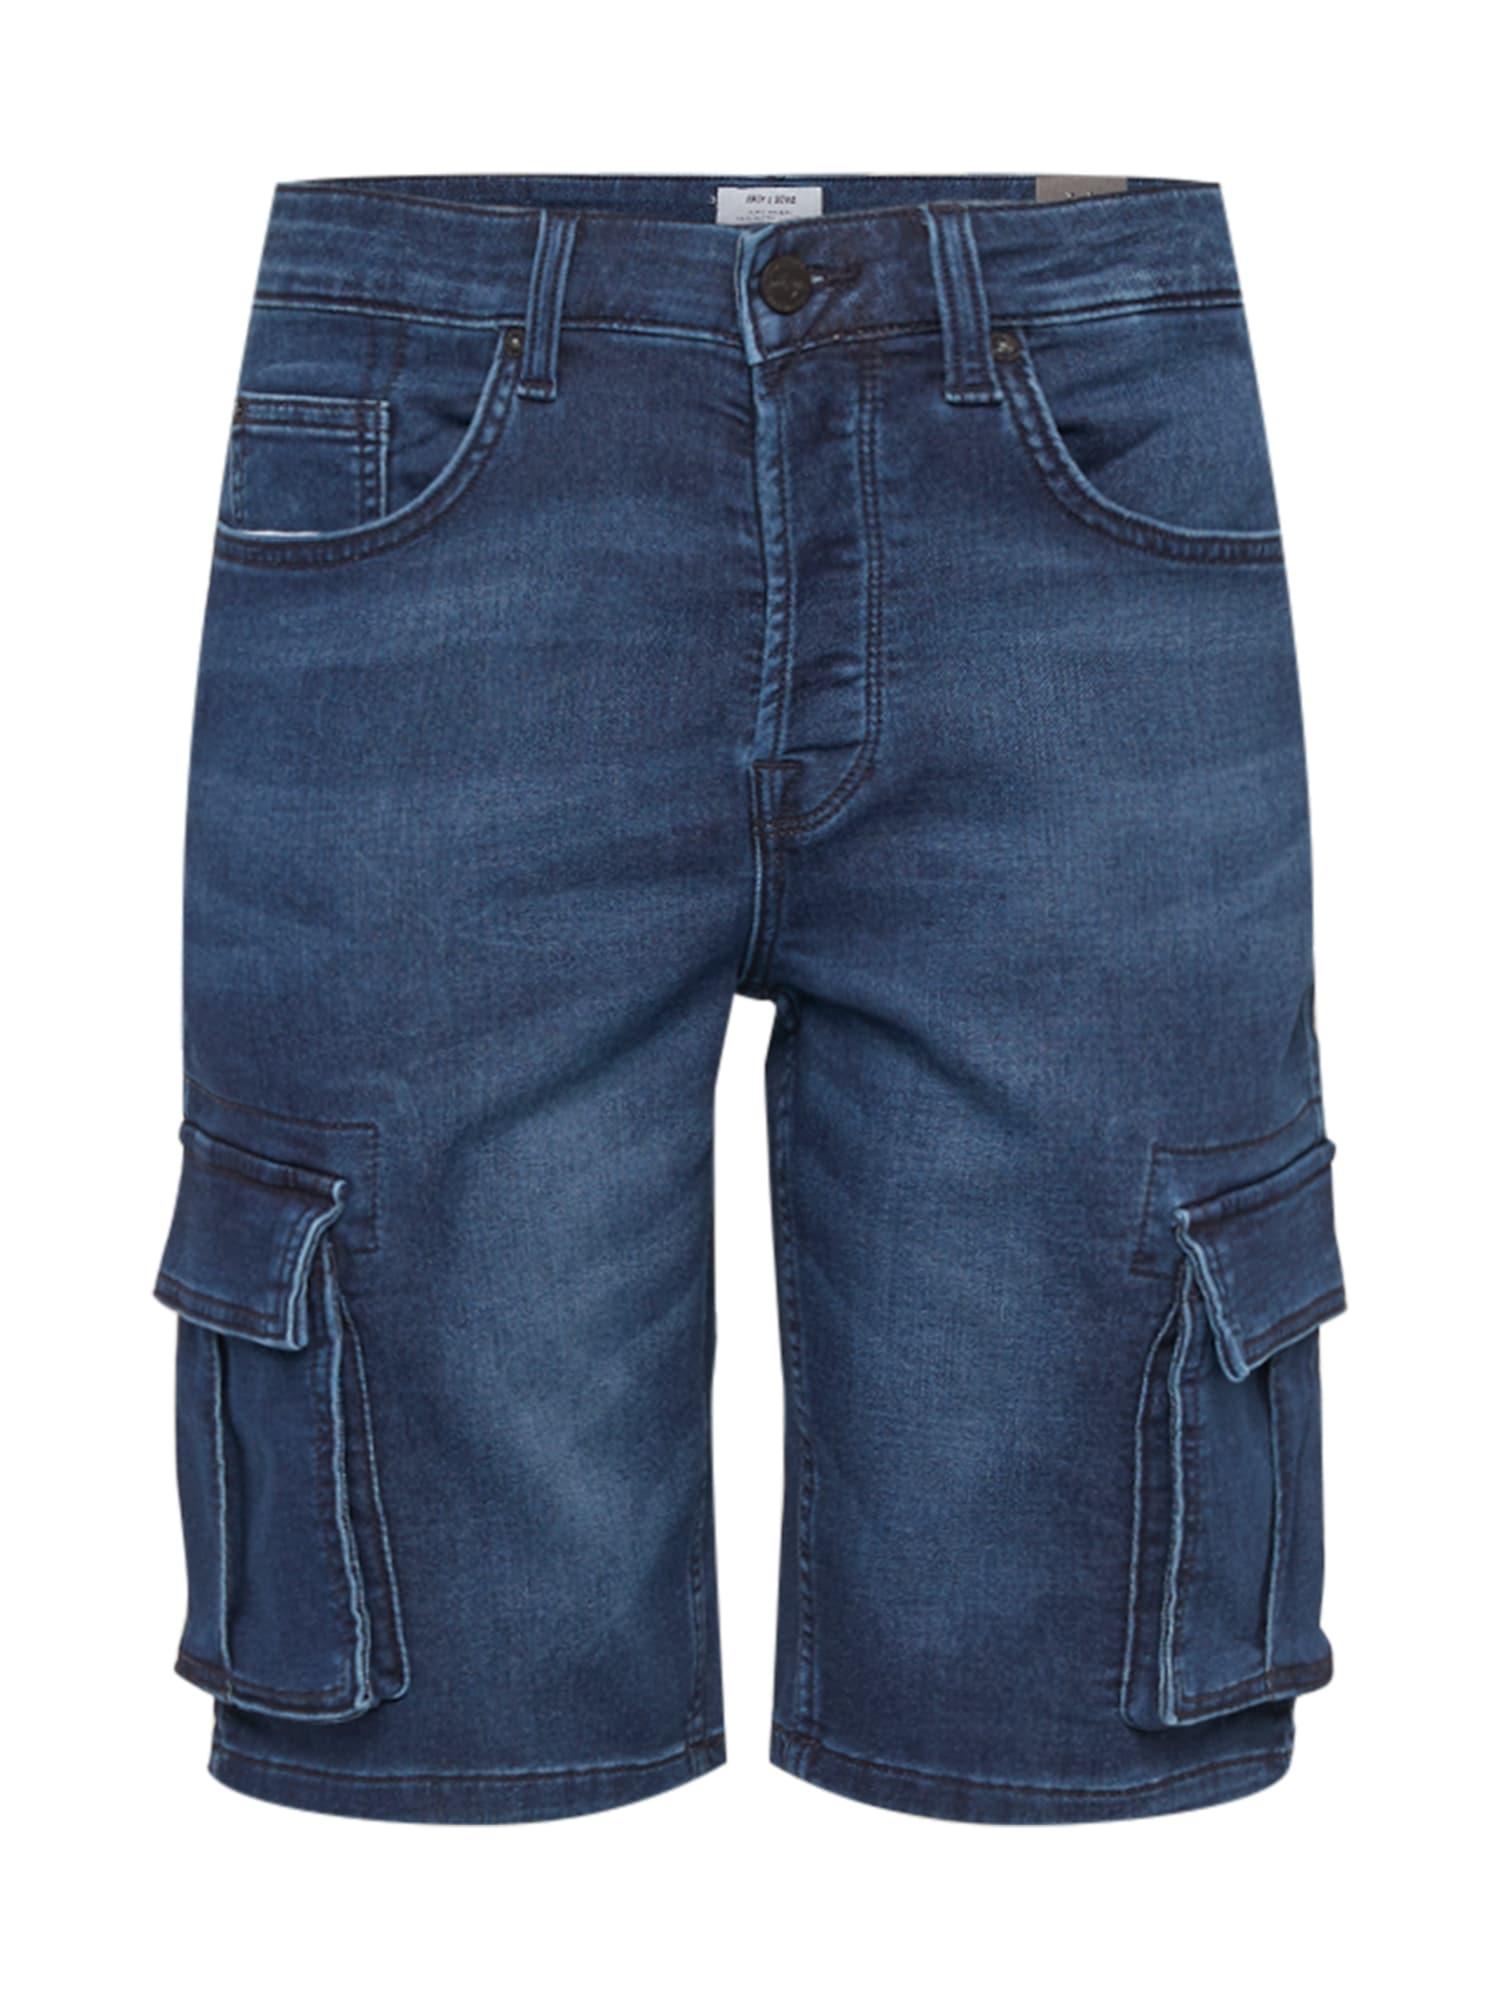 Only & Sons Darbinio stiliaus džinsai